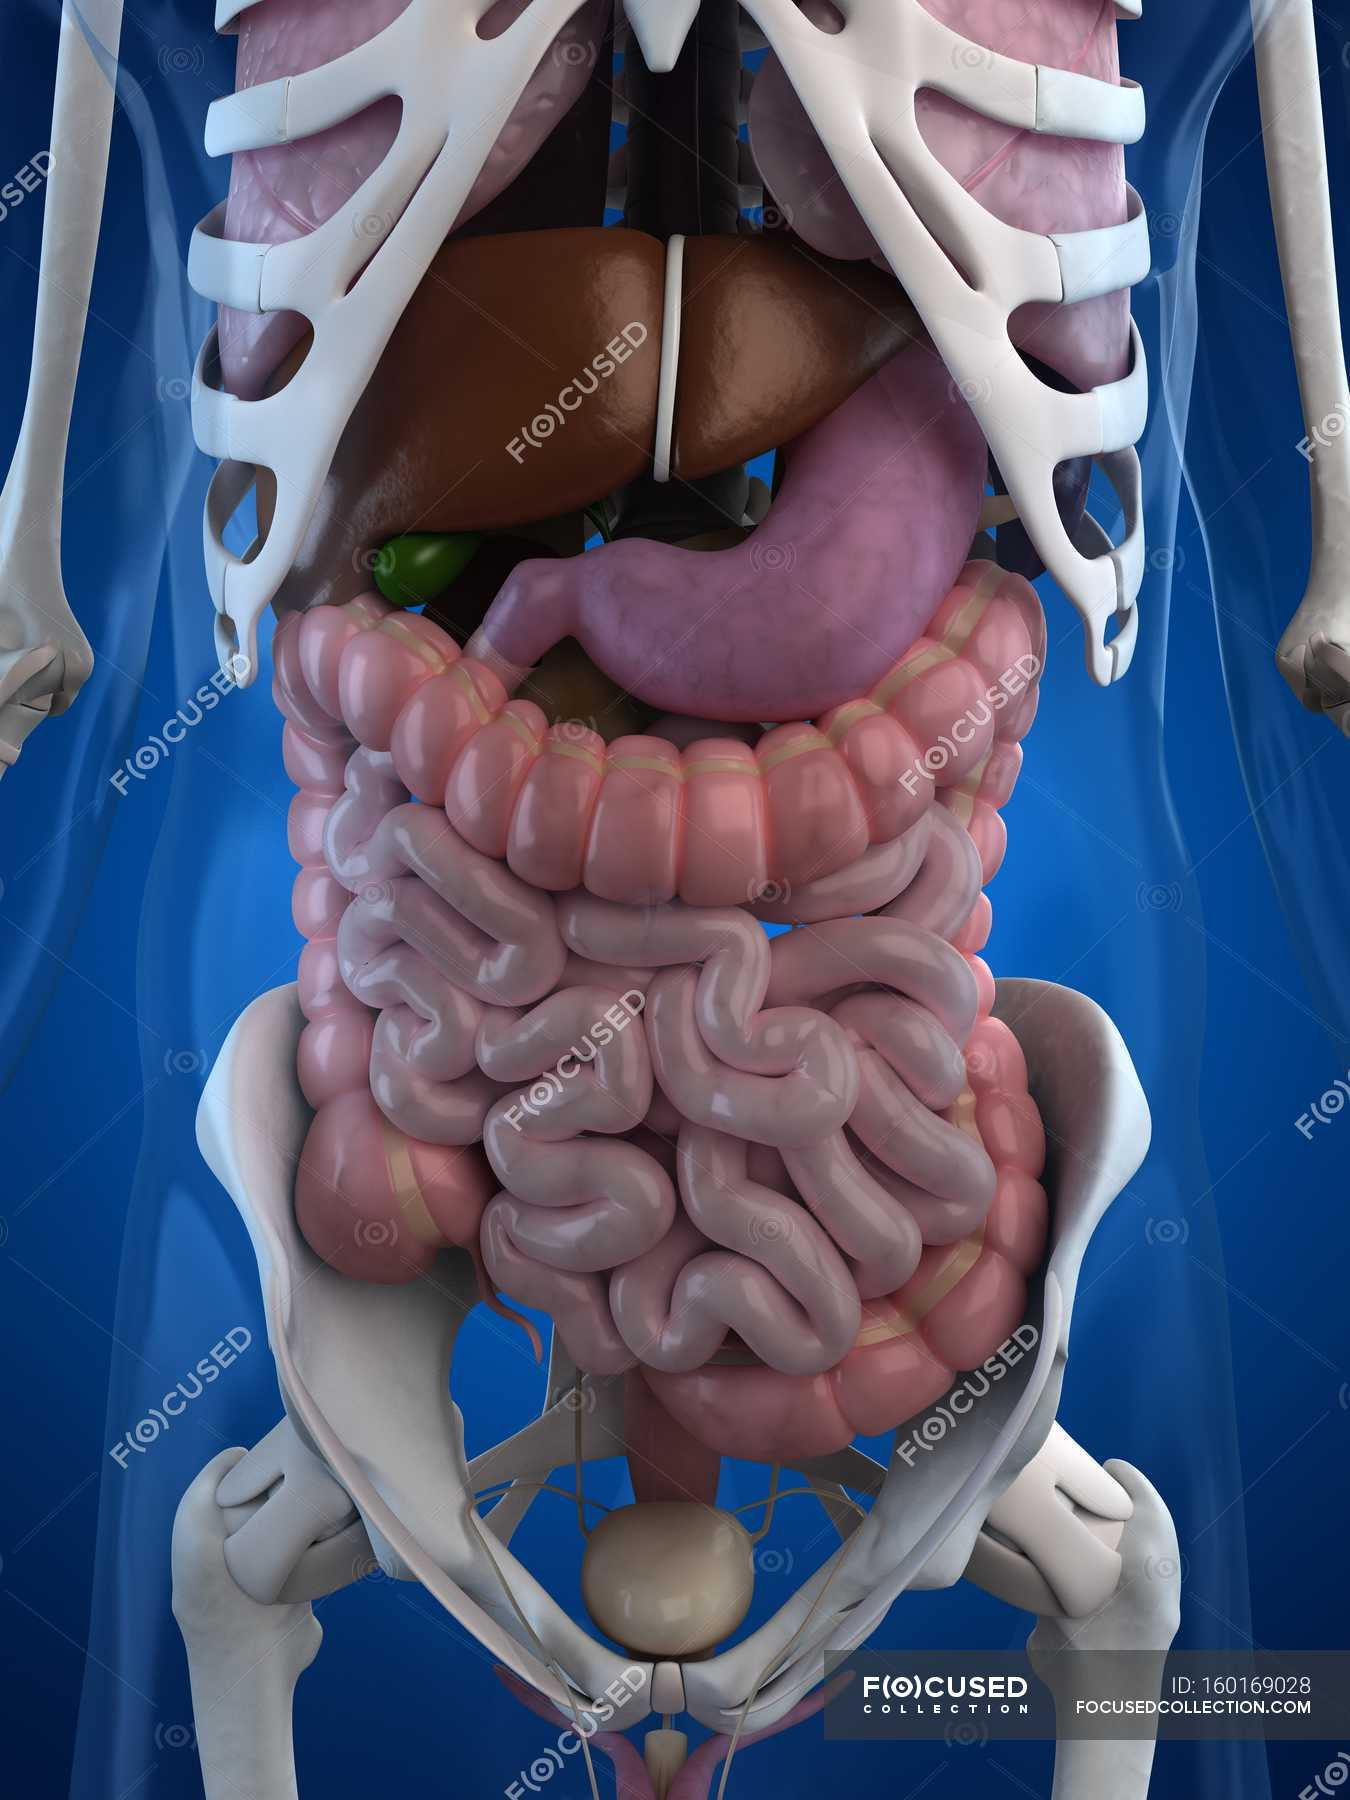 Anatomie des menschlichen Magen-Darm-Trakt — Stockfoto | #160169028